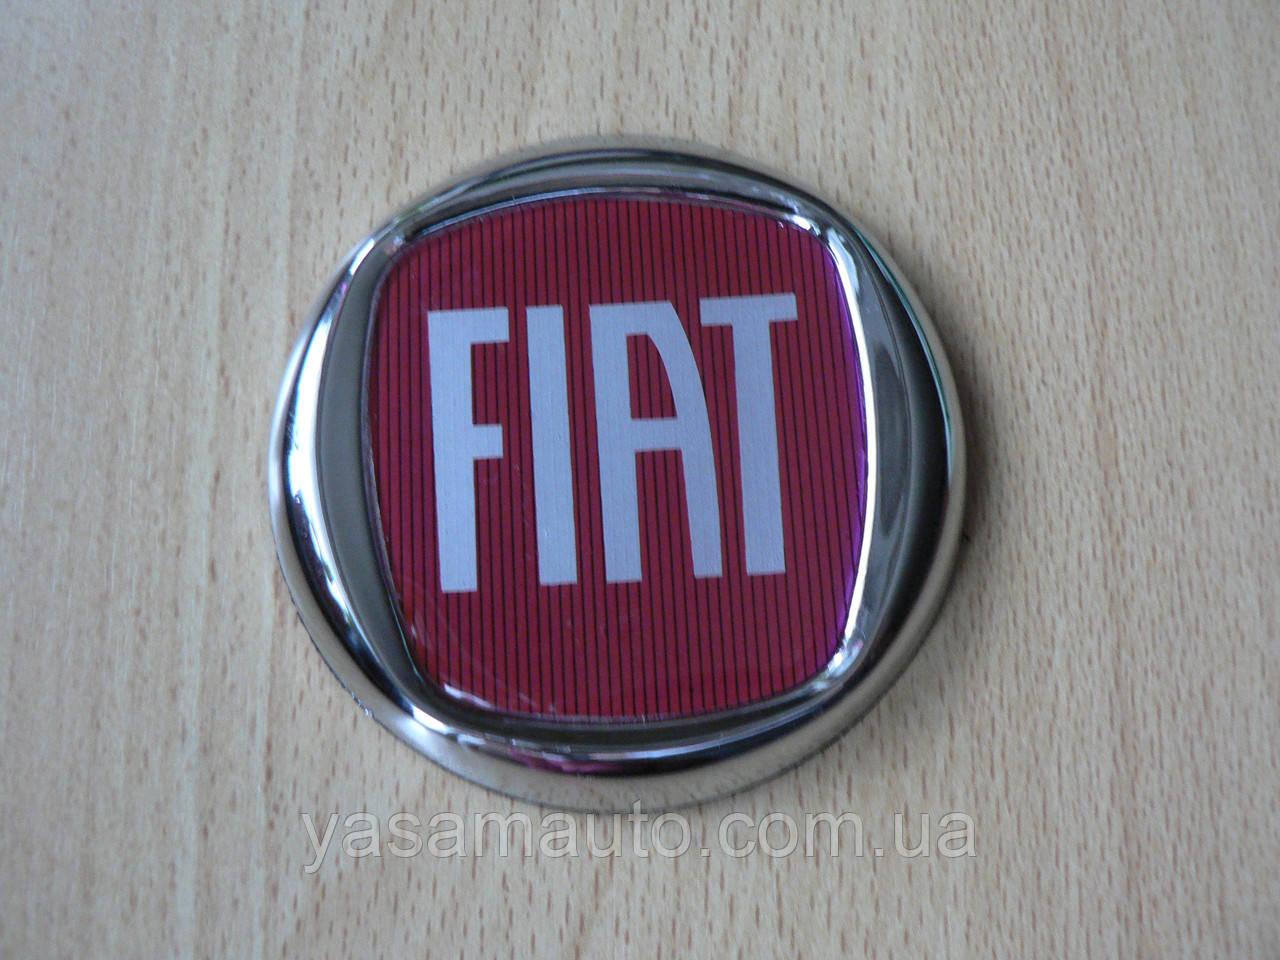 Эмблема z Fiat красная диаметром 73,7мм №4 Фиат в полоску наклейка на авто